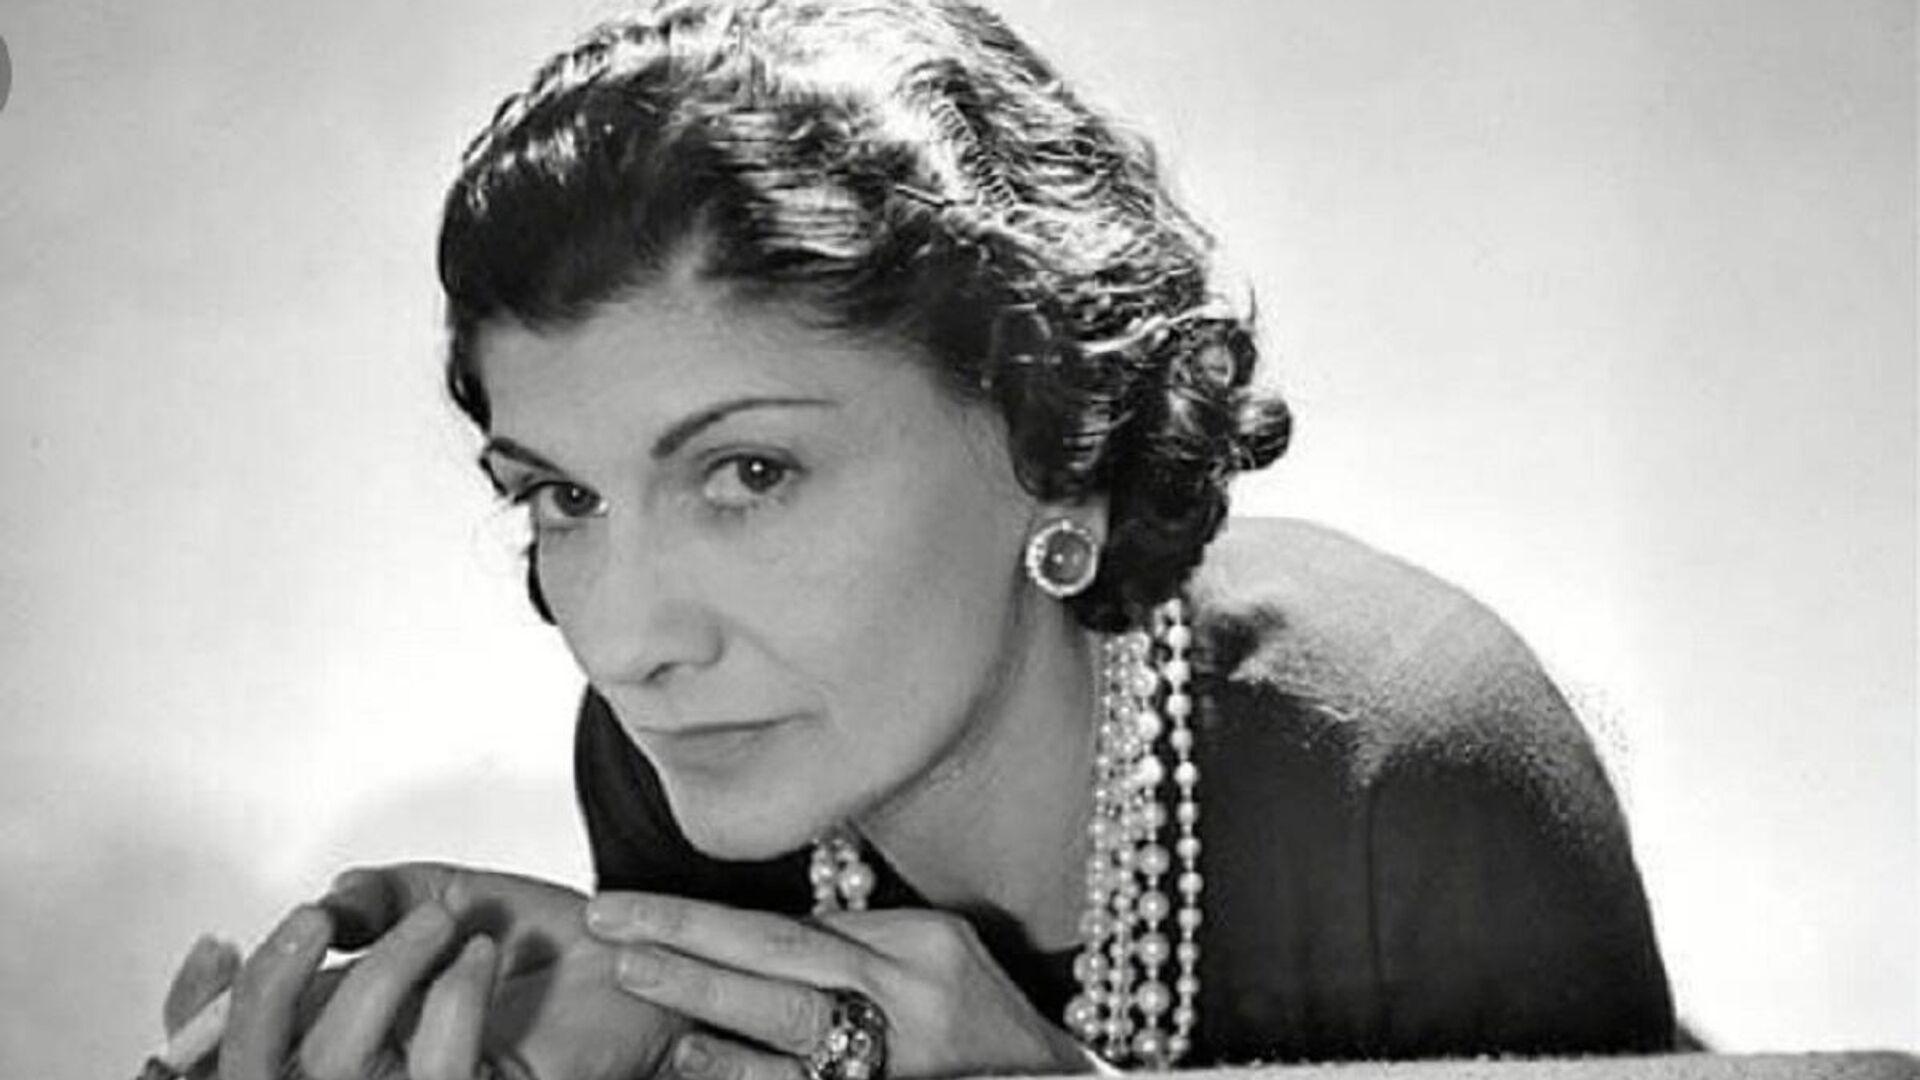 Gabrielle Chanel, conocida artísticamente como Coco Chanel  - Sputnik Mundo, 1920, 05.05.2021